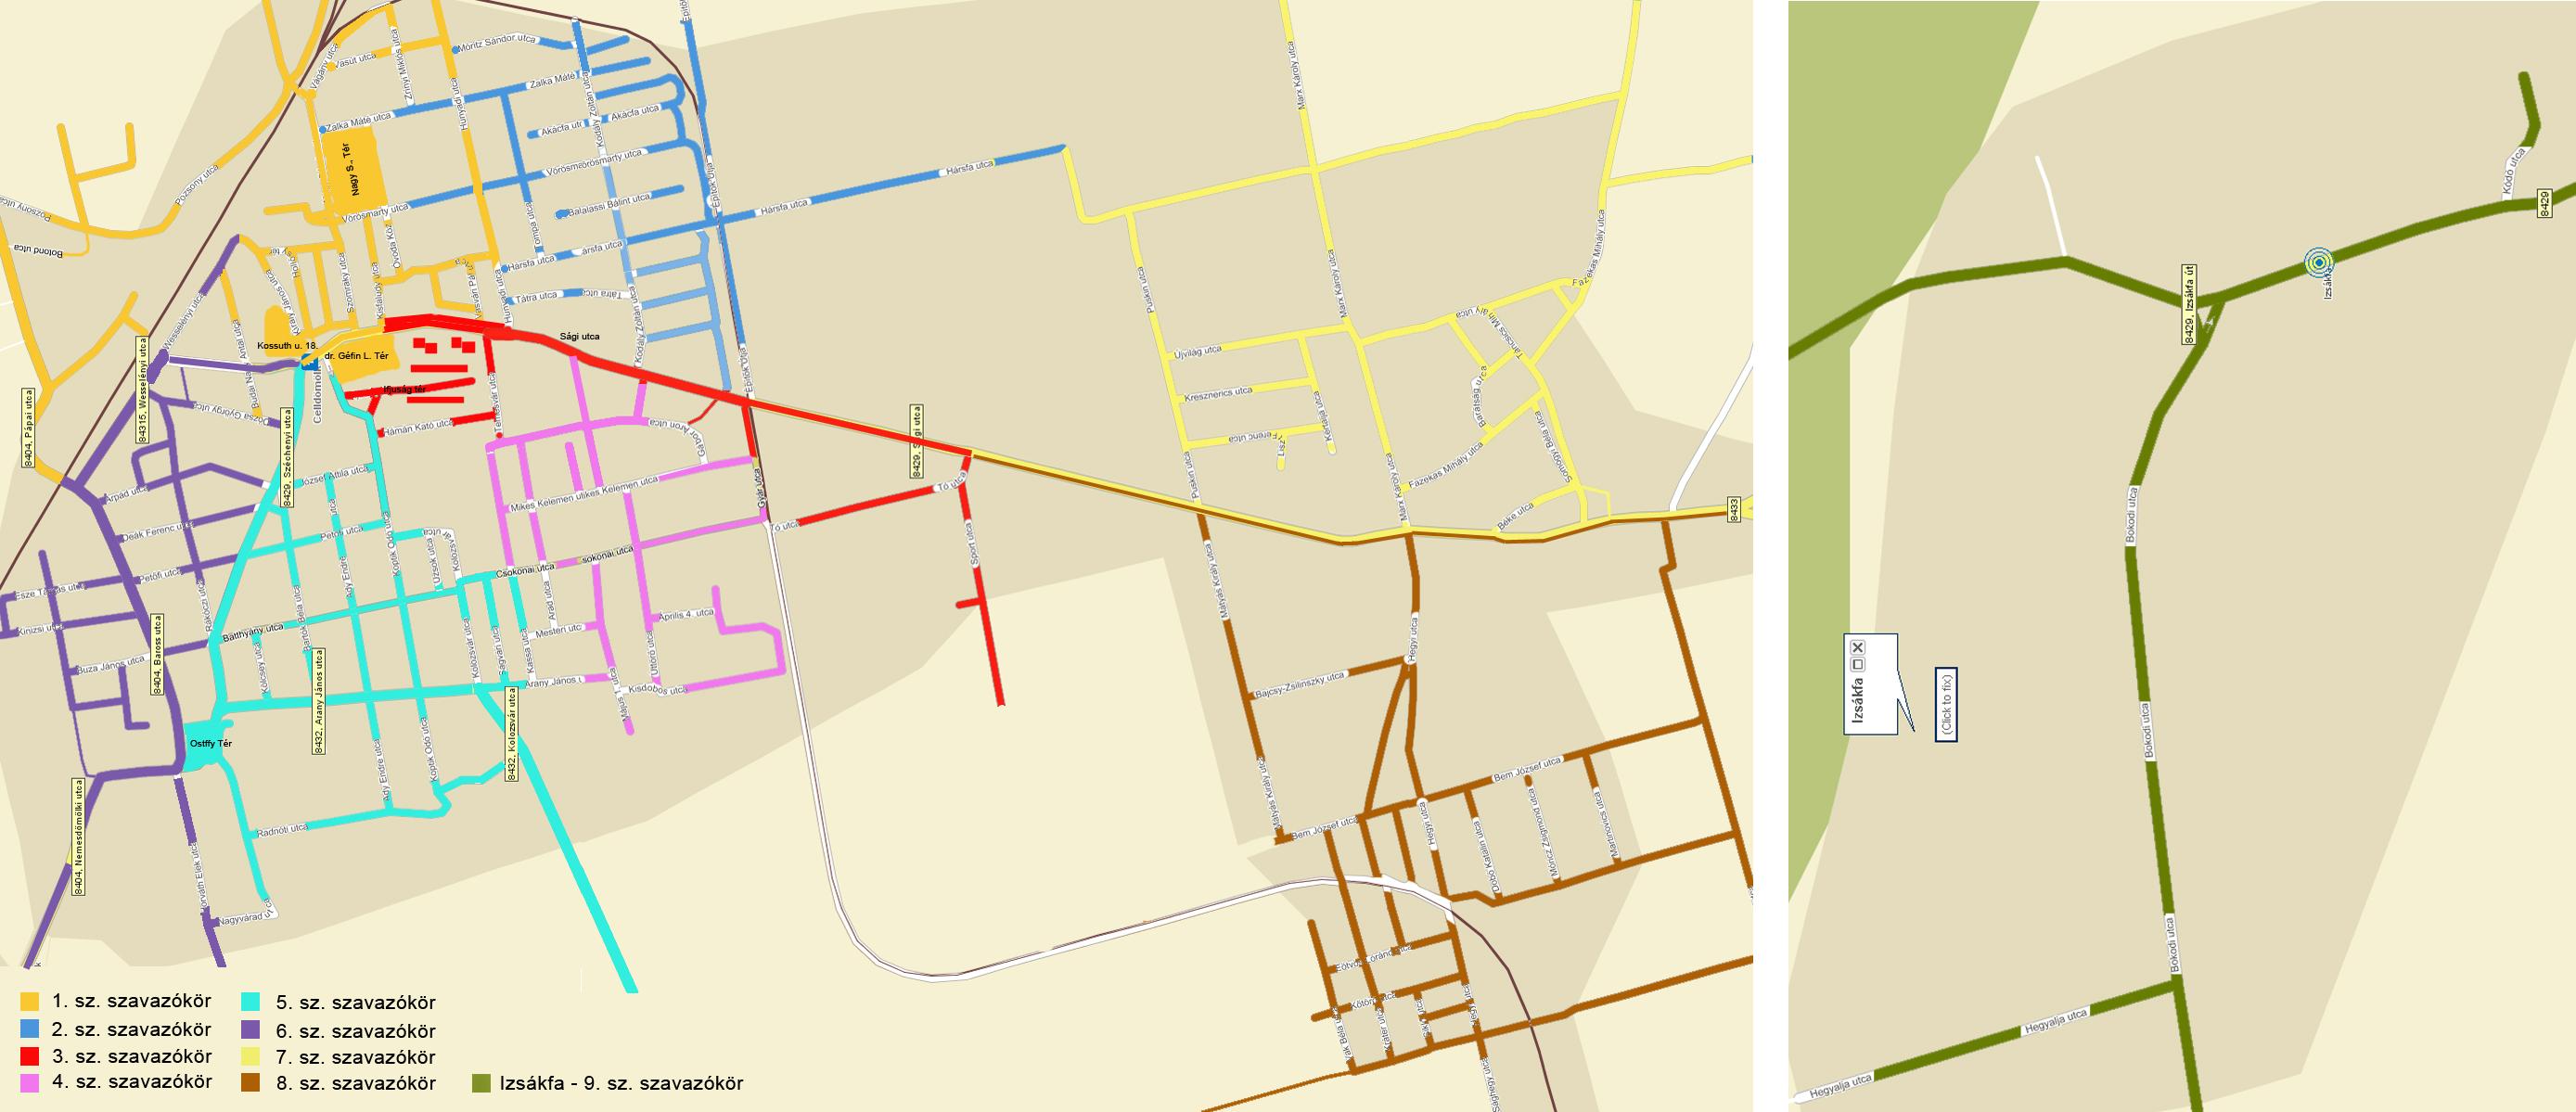 celldömölk térkép Celldömölk Város Honlapja celldömölk térkép